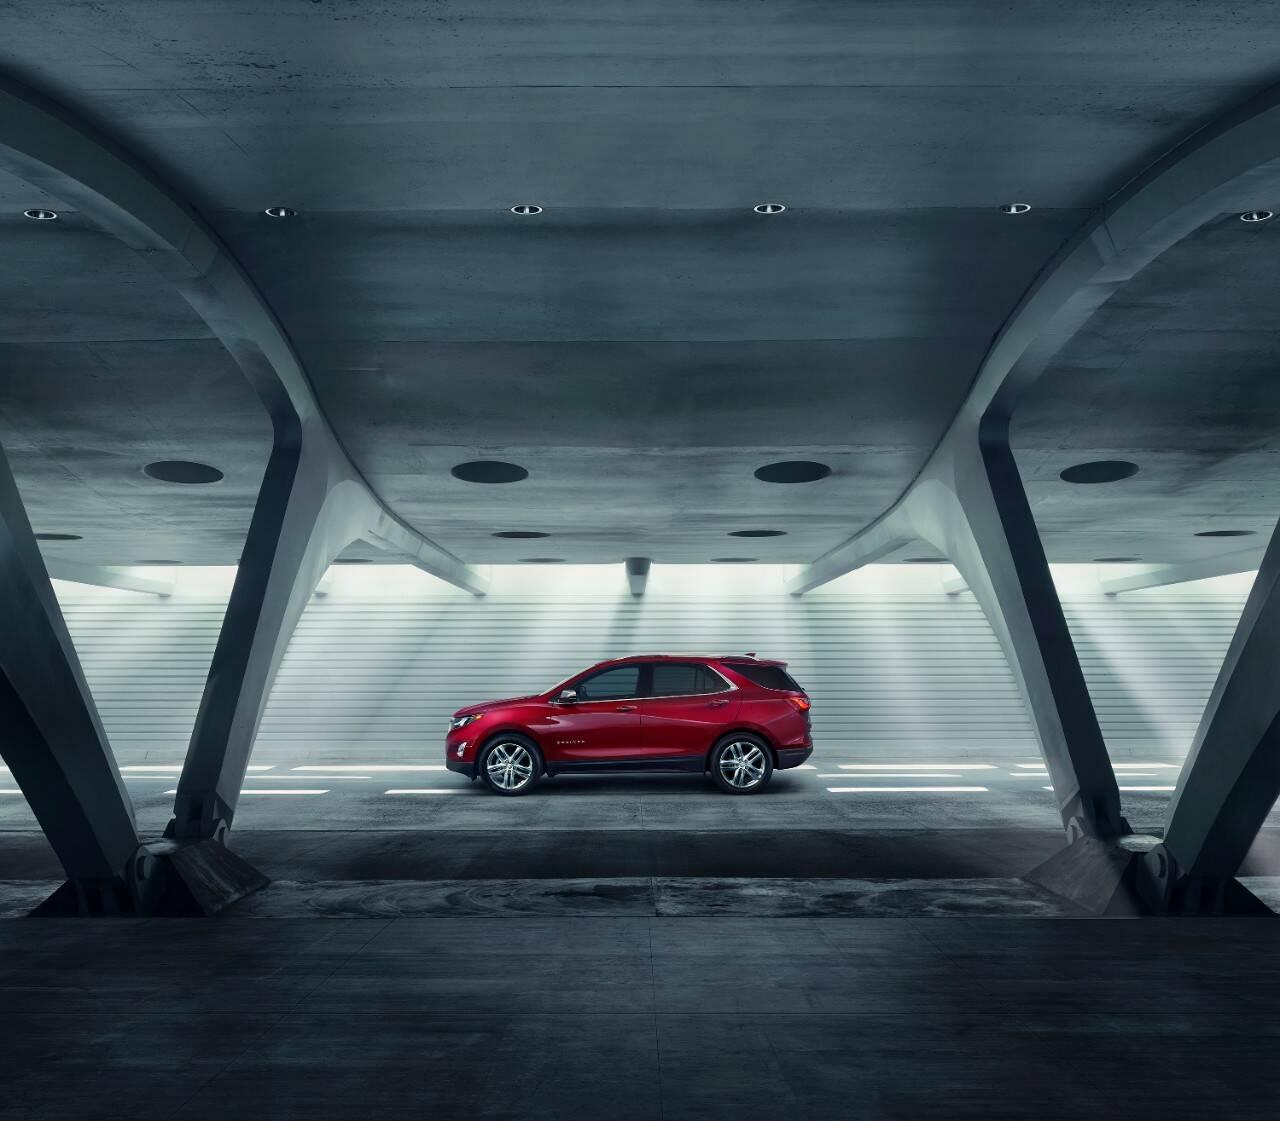 Chevrolet Equinox. Foto: Divulgação